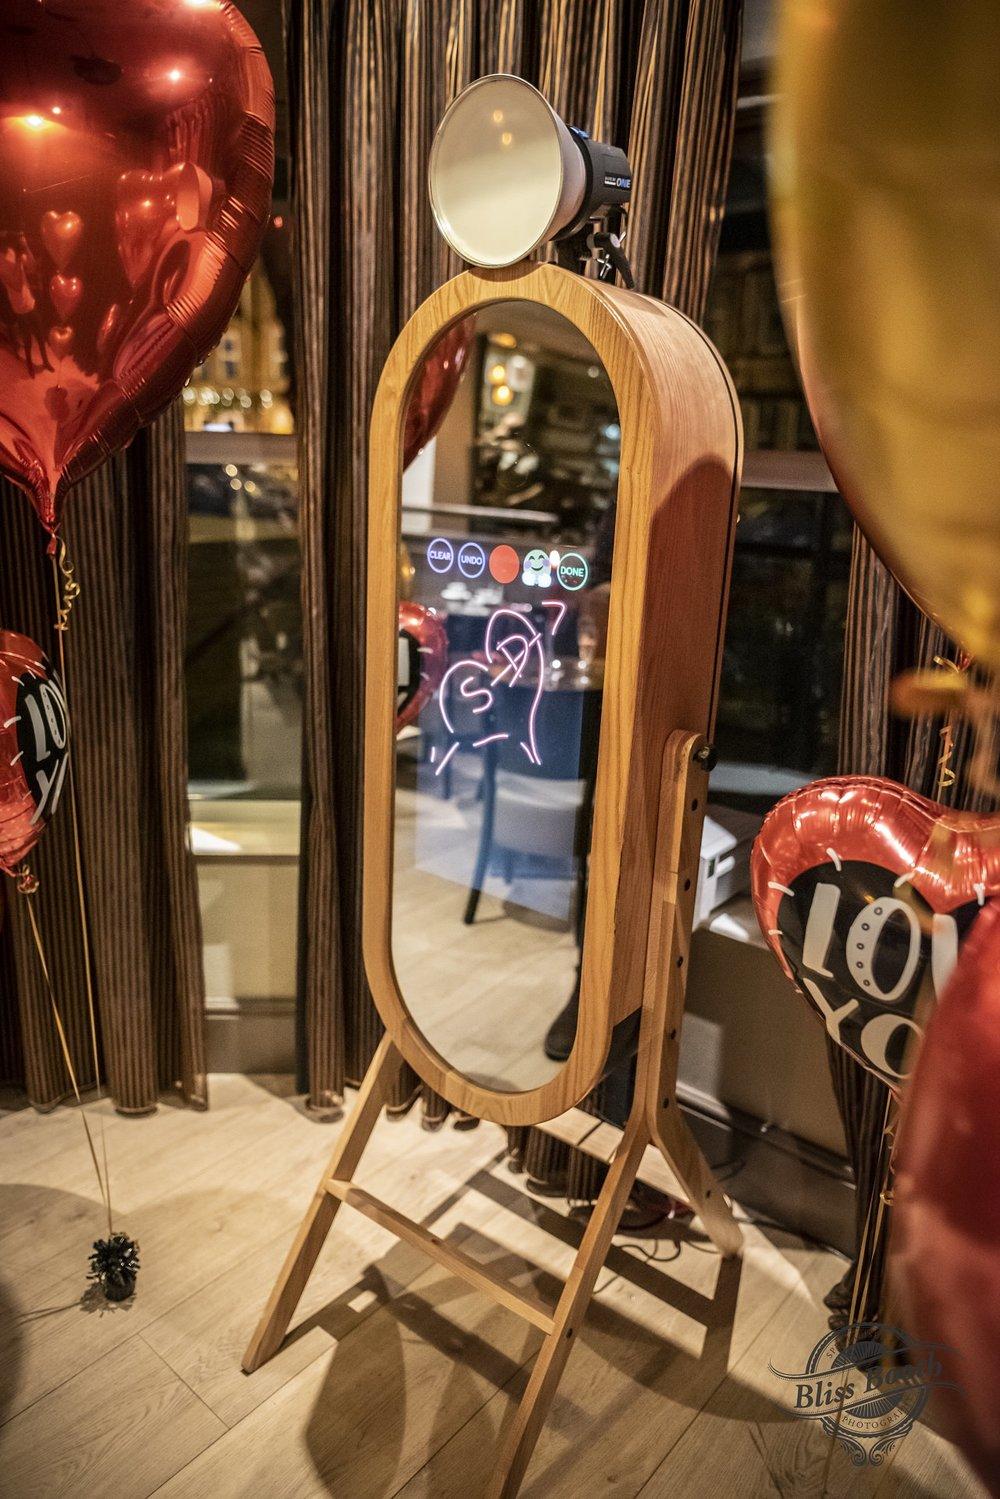 Retro Mirror Photo Booth - More Info